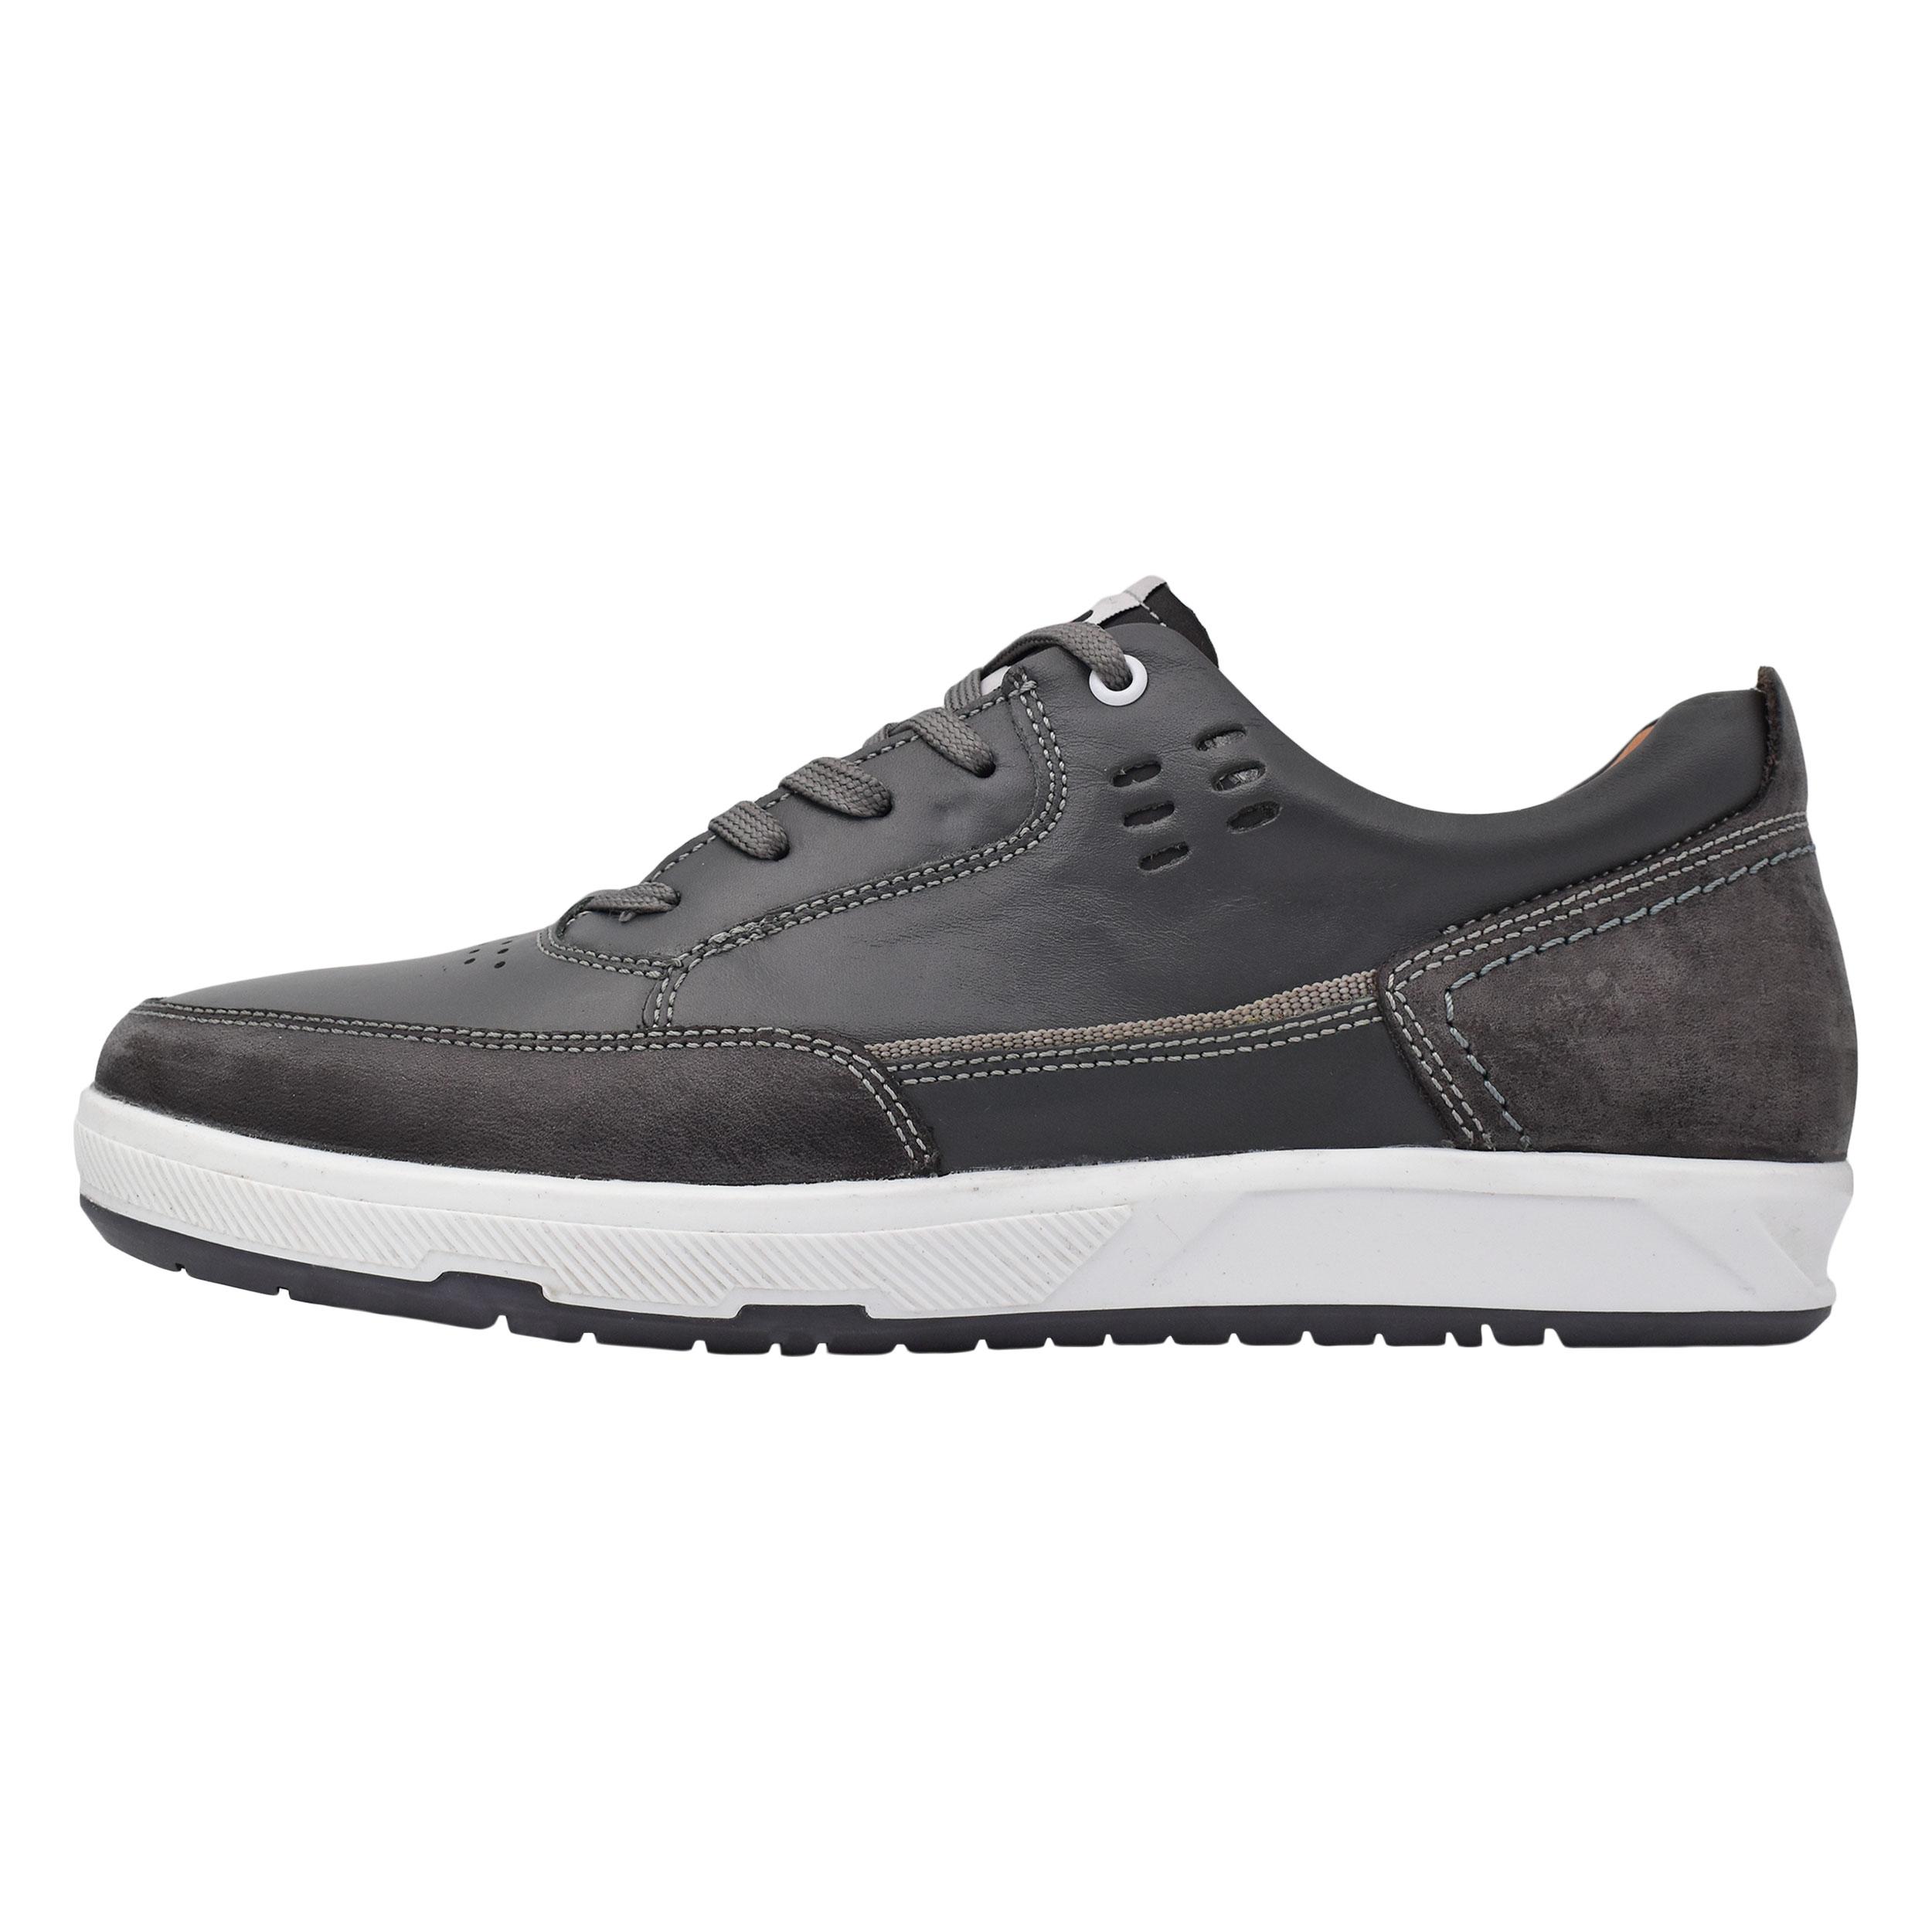 کفش روزمره مردانه پاما مدل ونوس کد G1010             , خرید اینترنتی